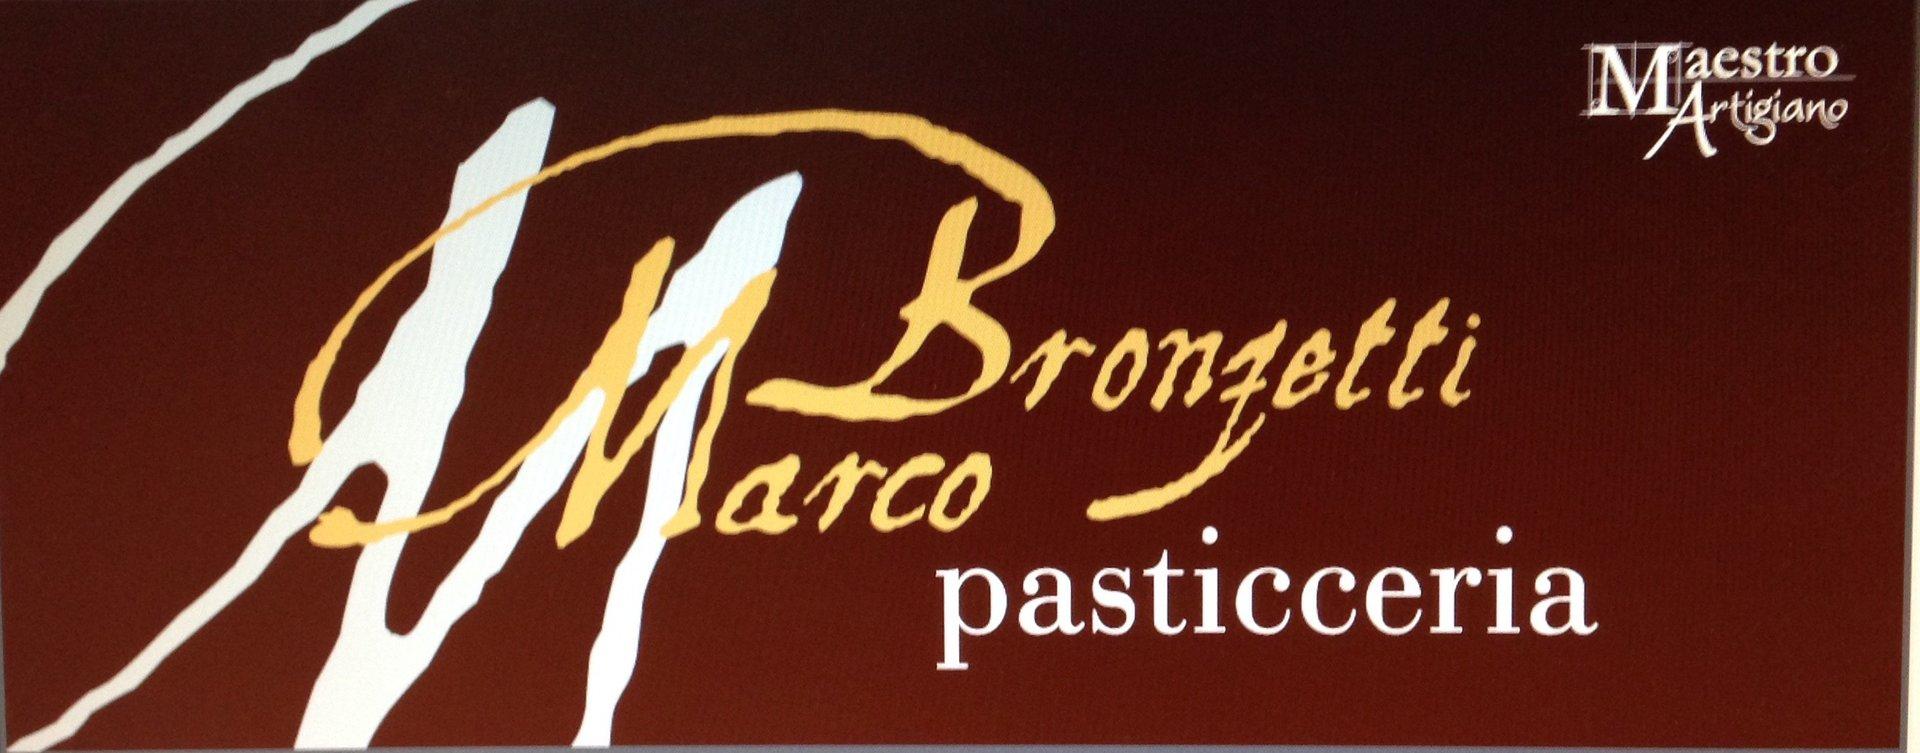 Bronzetti Marco Pasticceria